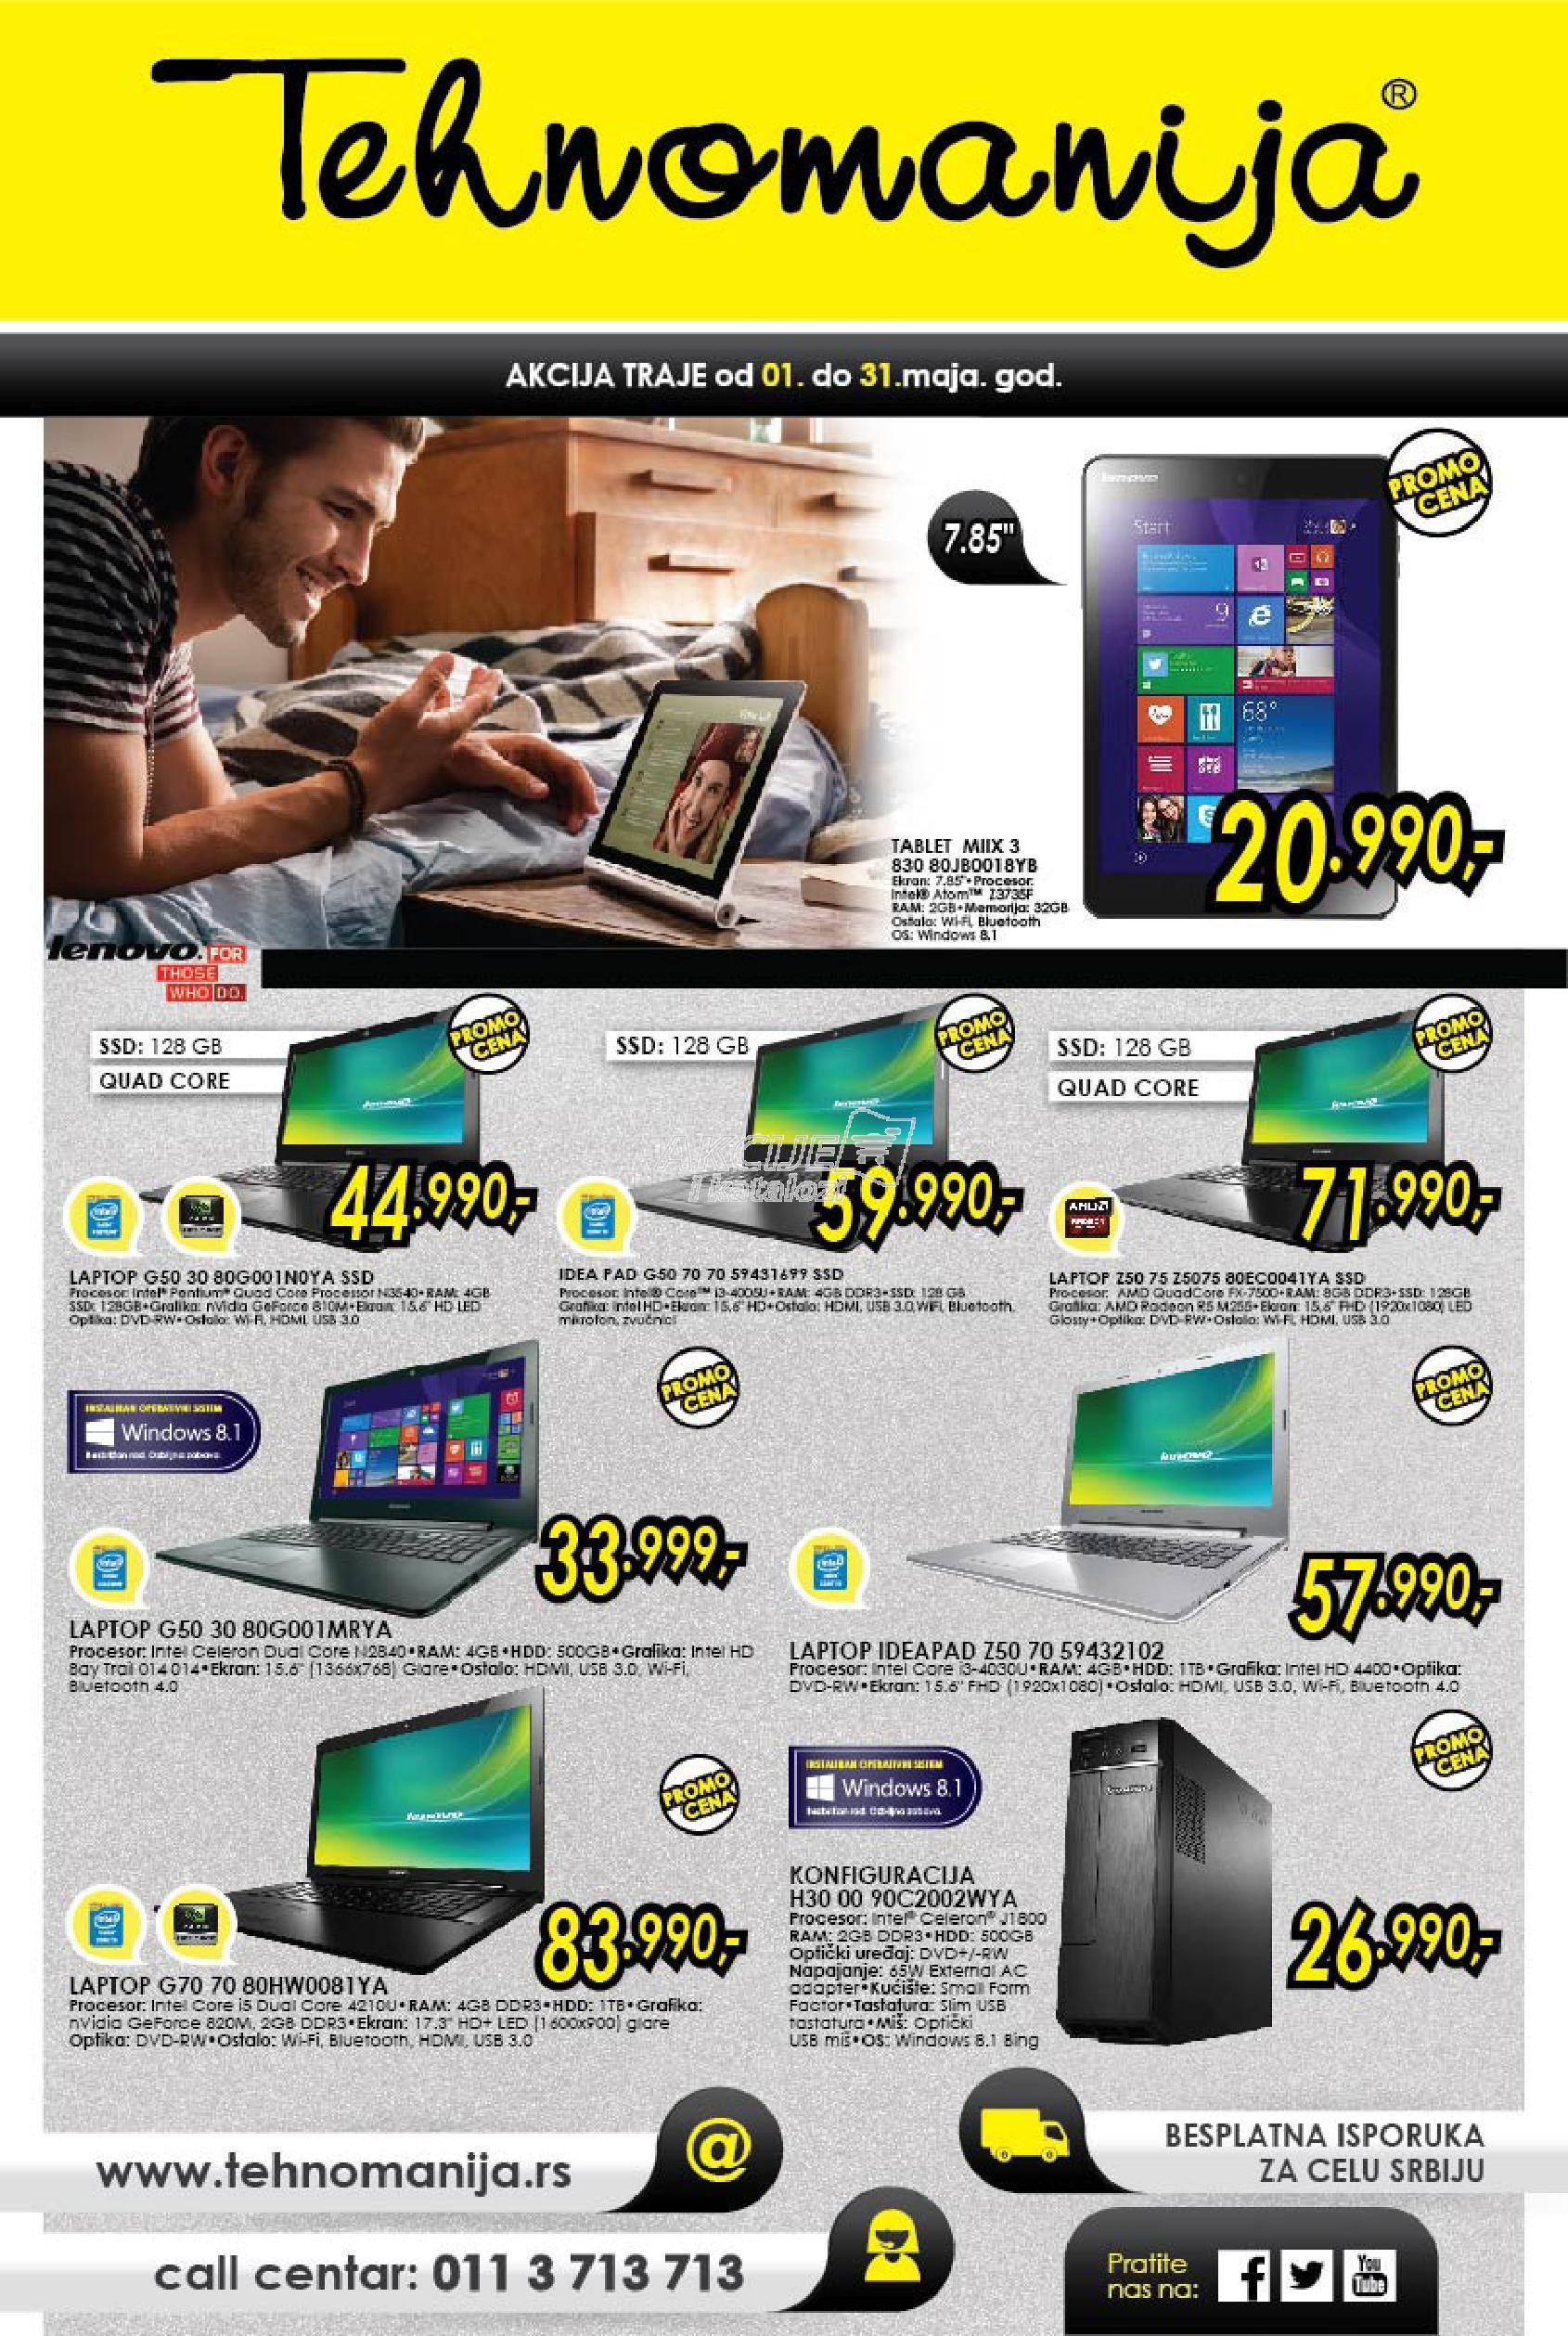 Tehnomanija akcija odlična ponuda IT opreme